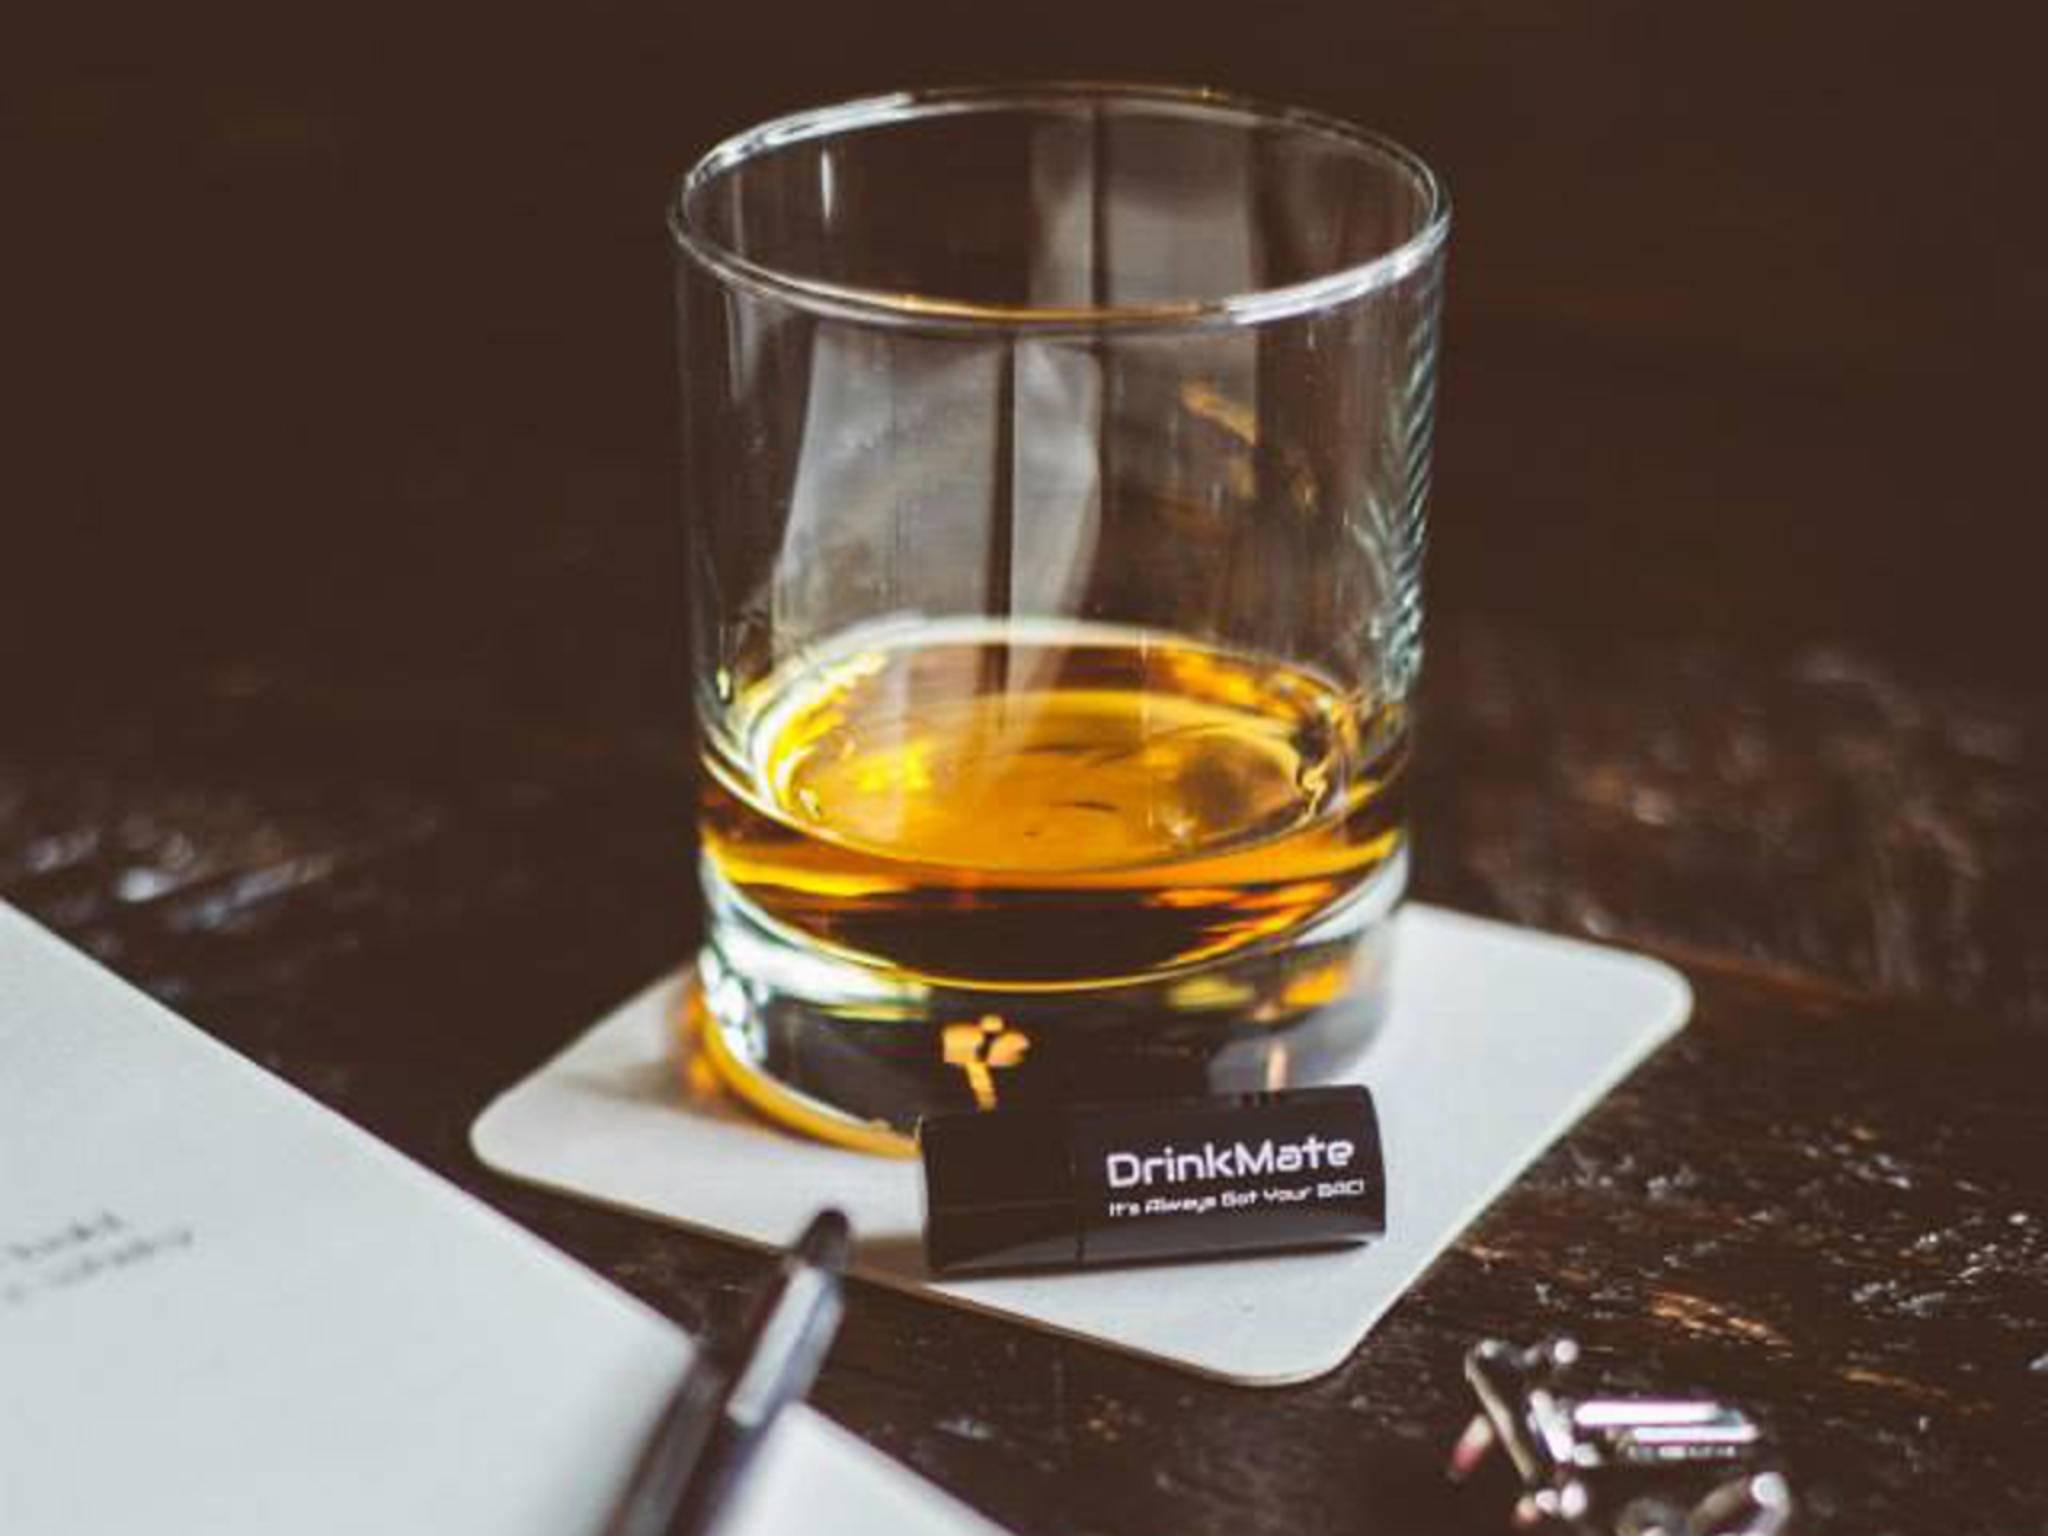 DrinkMate ist ein kleiner Alkoholtest fürs Smartphone.